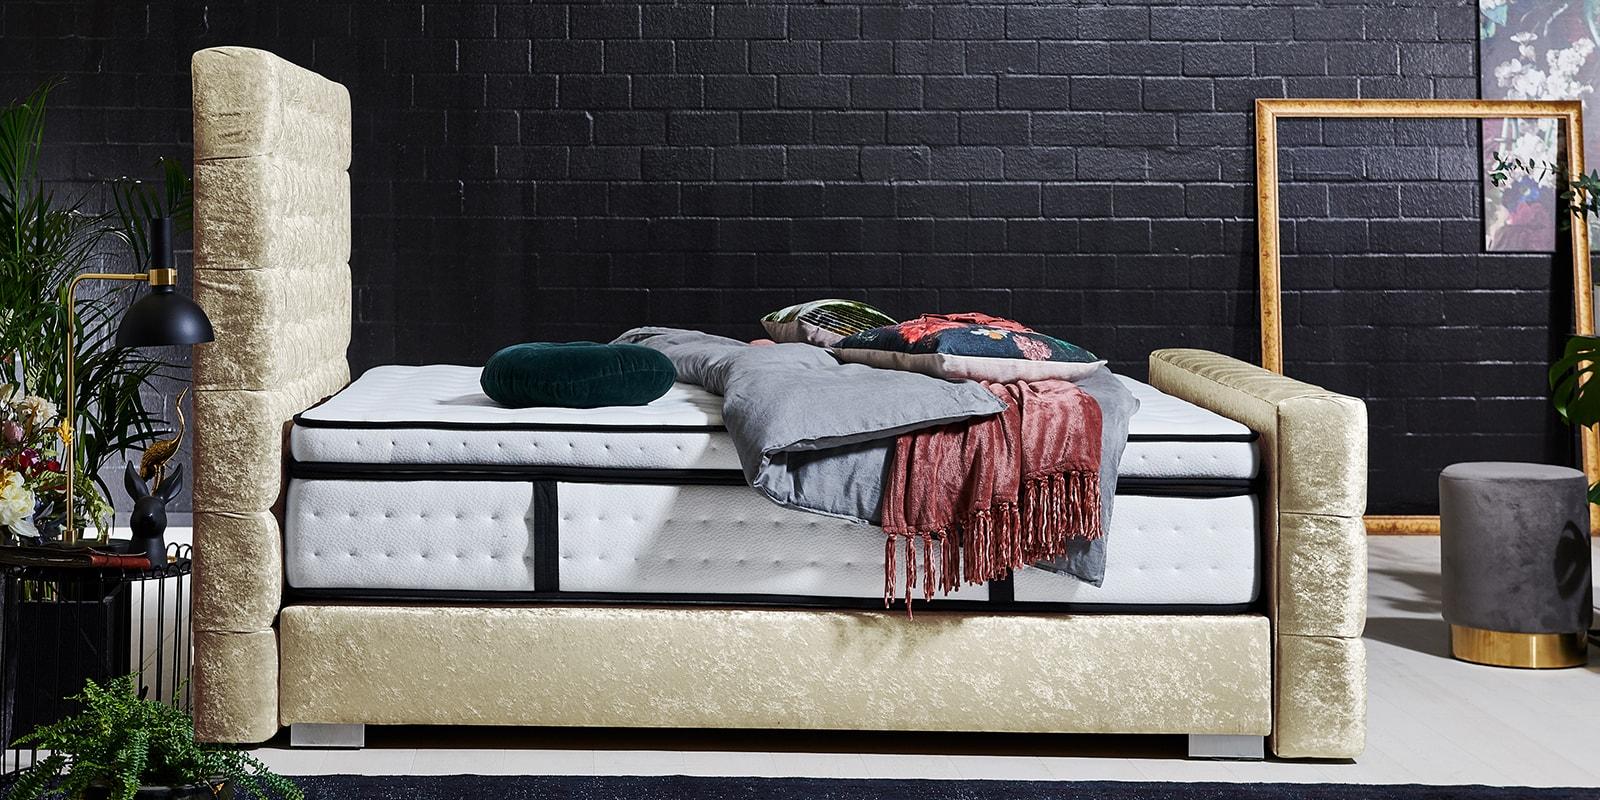 Moebella24 - Boxspringbett Manchester - Chesterfield-Stil - Barock-Stil - Samt glänzend gold von der Seite